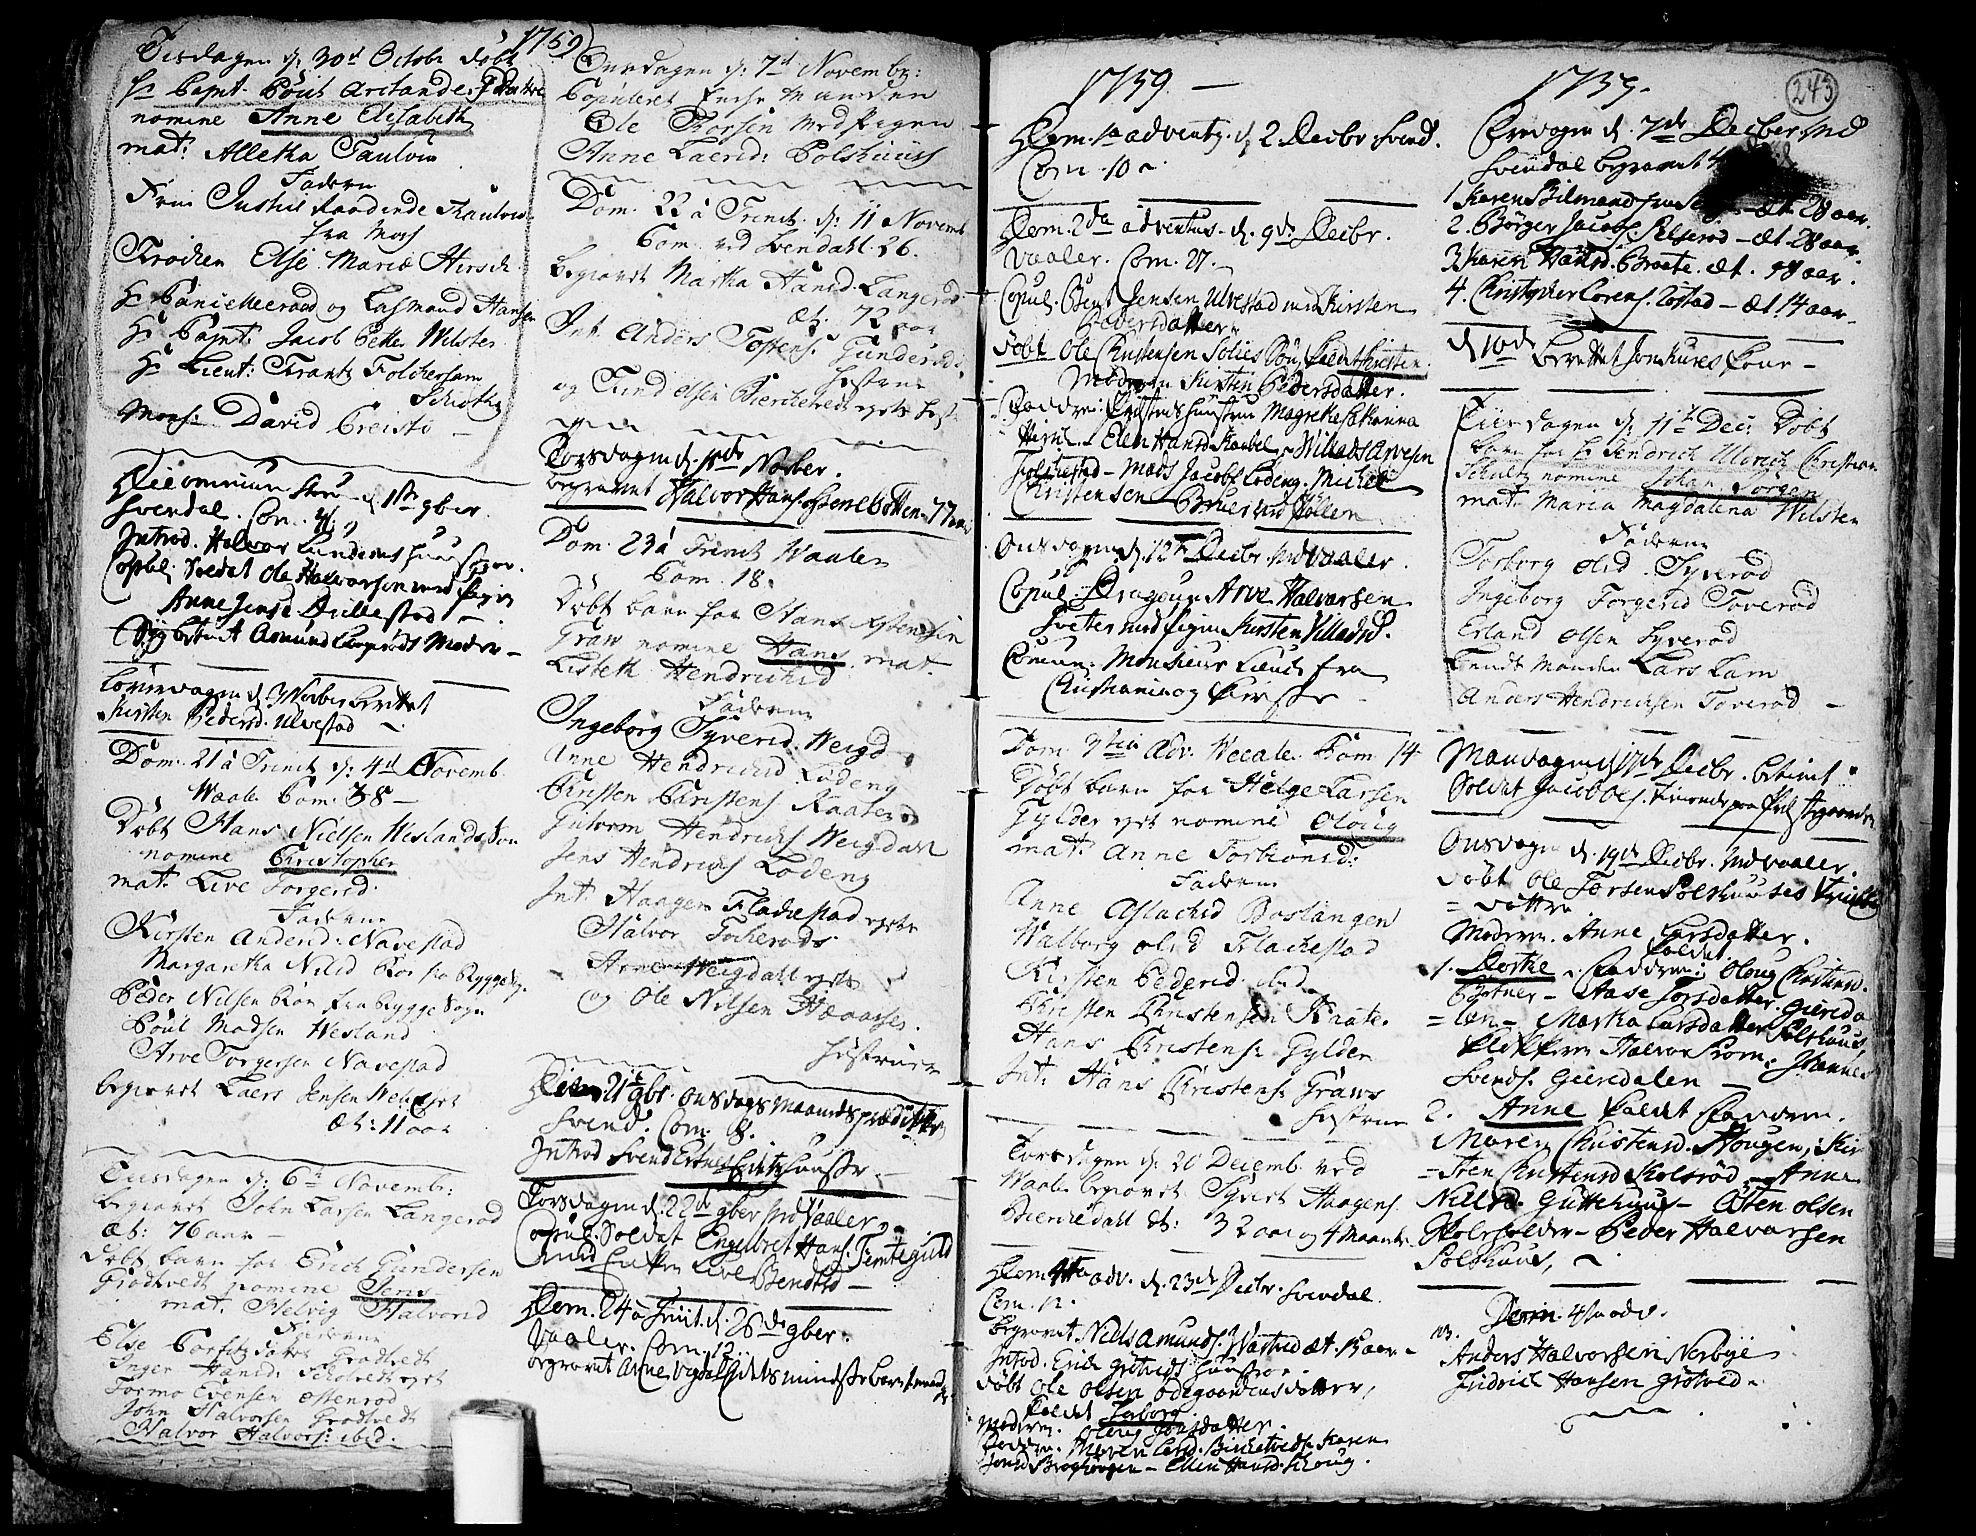 SAO, Våler prestekontor Kirkebøker, F/Fa/L0003: Ministerialbok nr. I 3, 1730-1770, s. 243